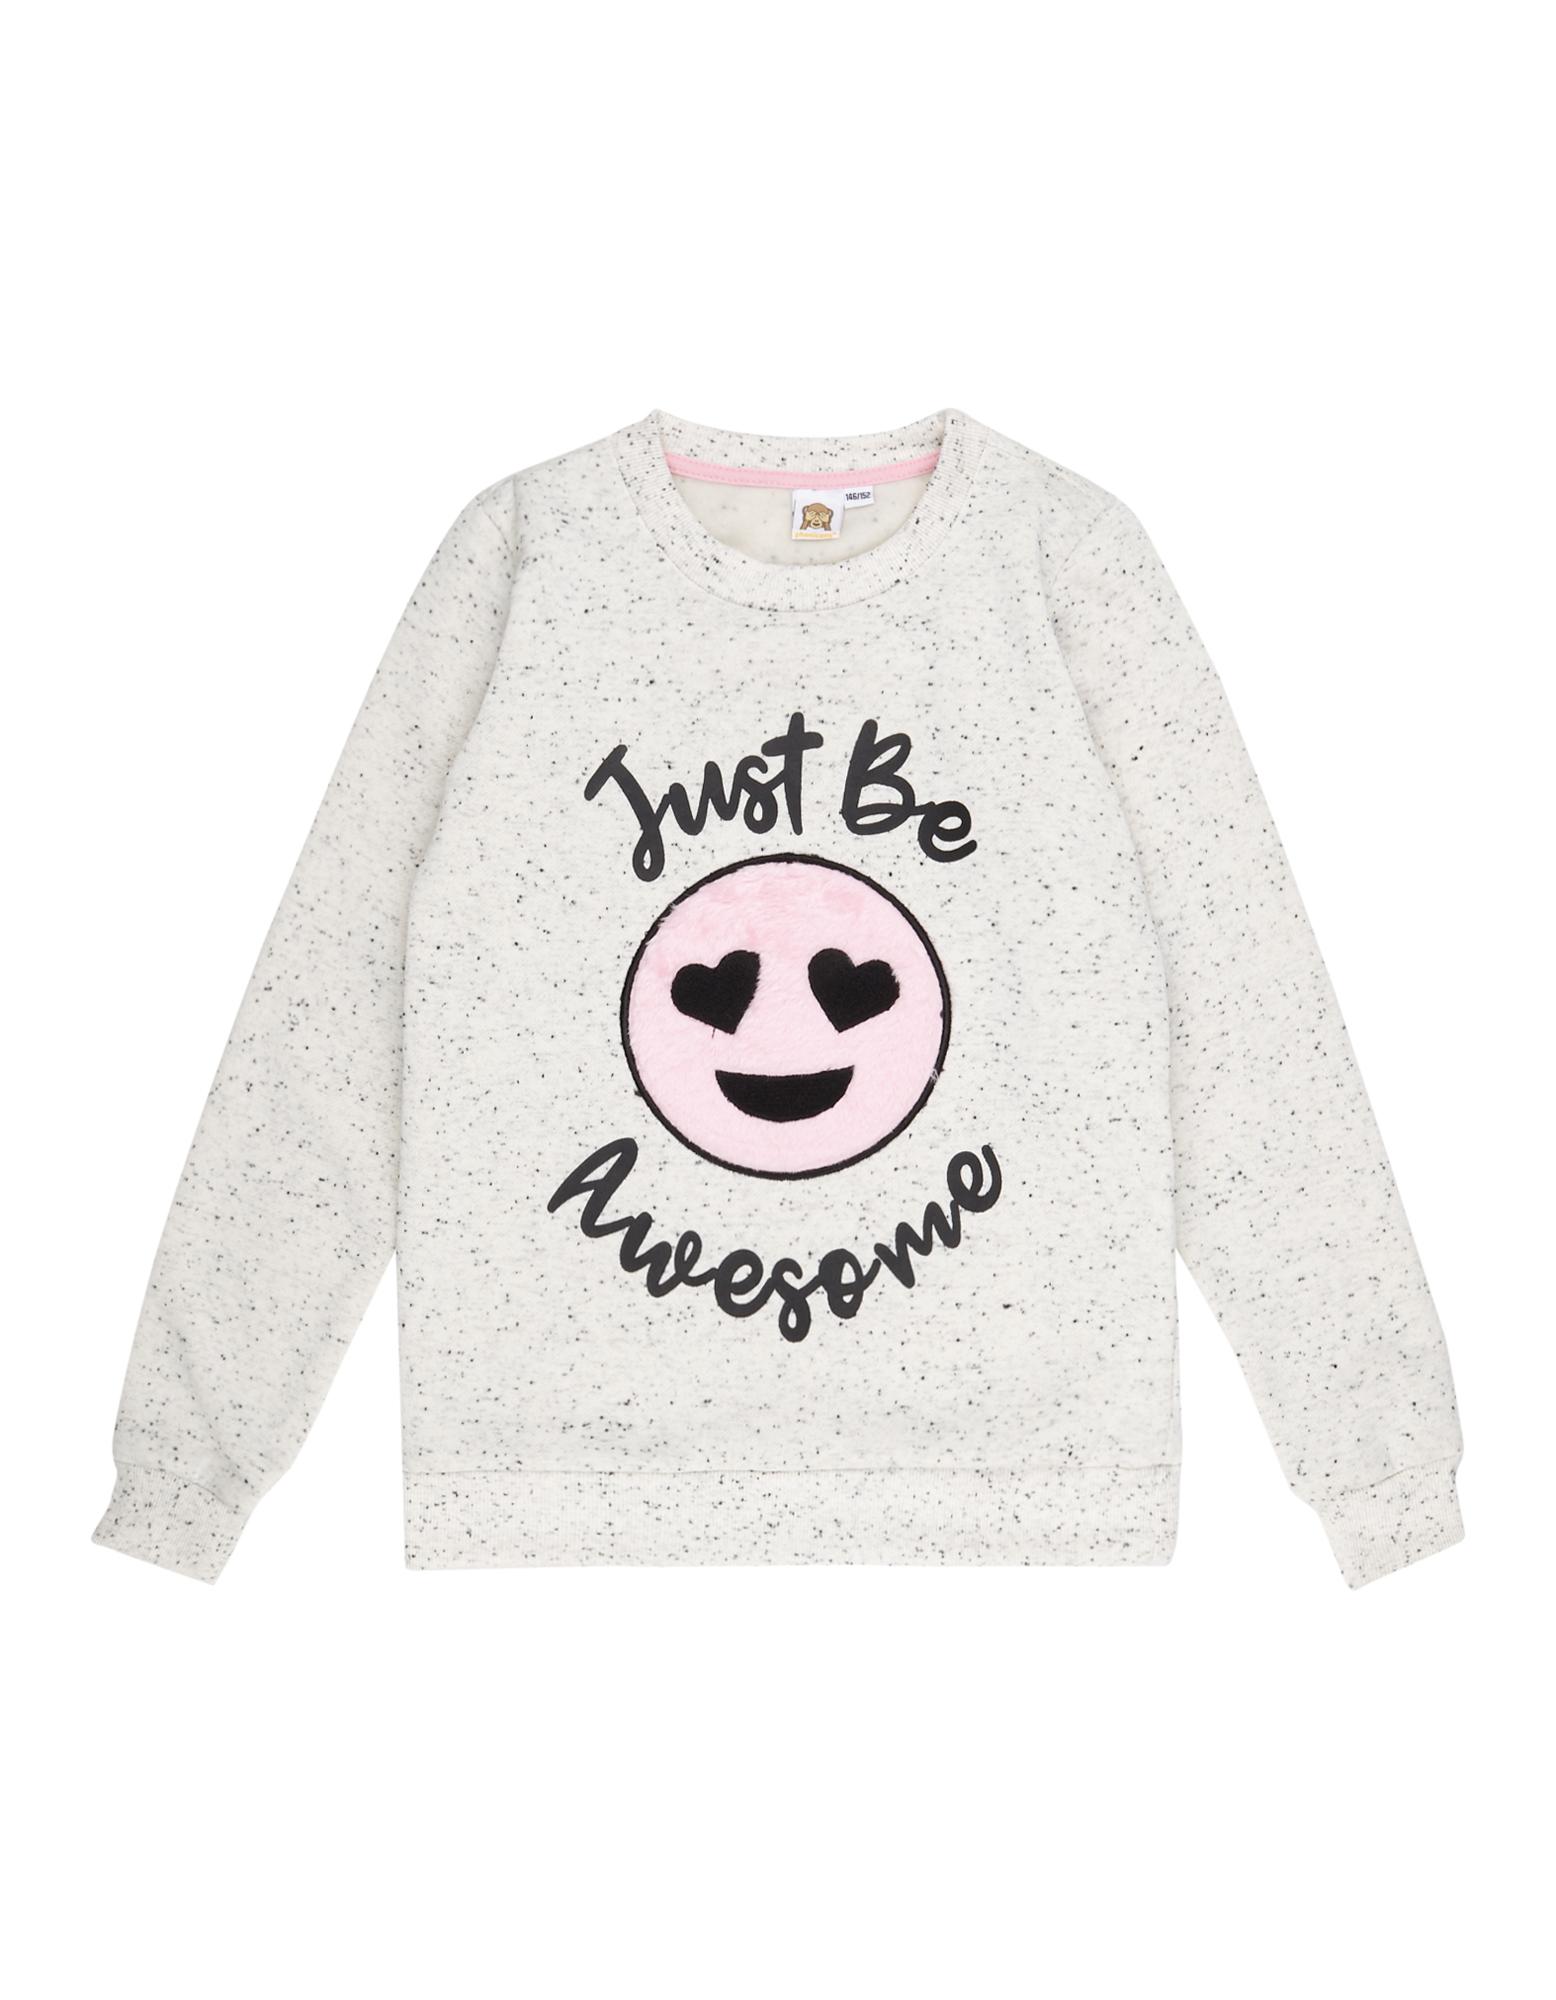 Mädchen Sweatshirt mit Phonicons-Aufnäher pink | 81546541370400